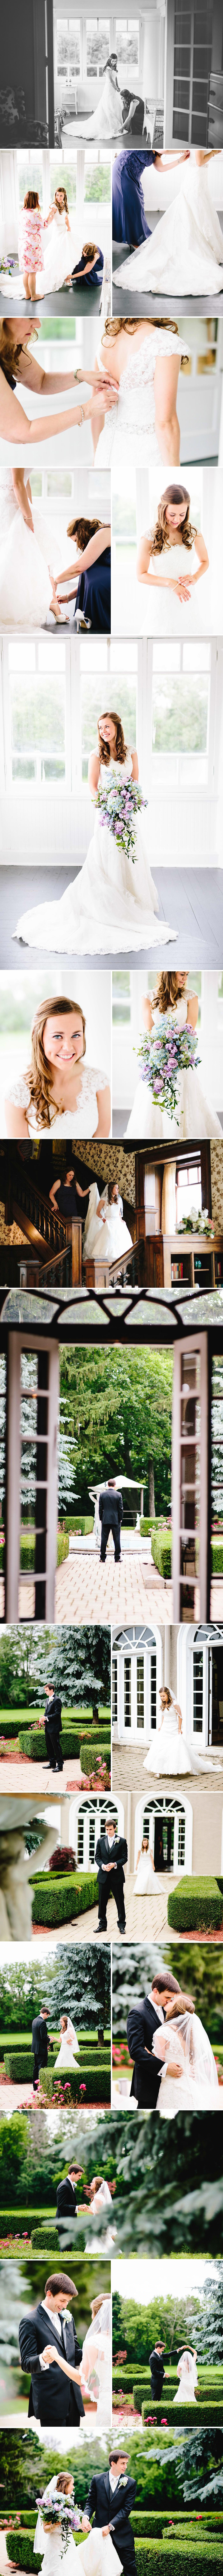 chicago-fine-art-wedding-photography-bristow3